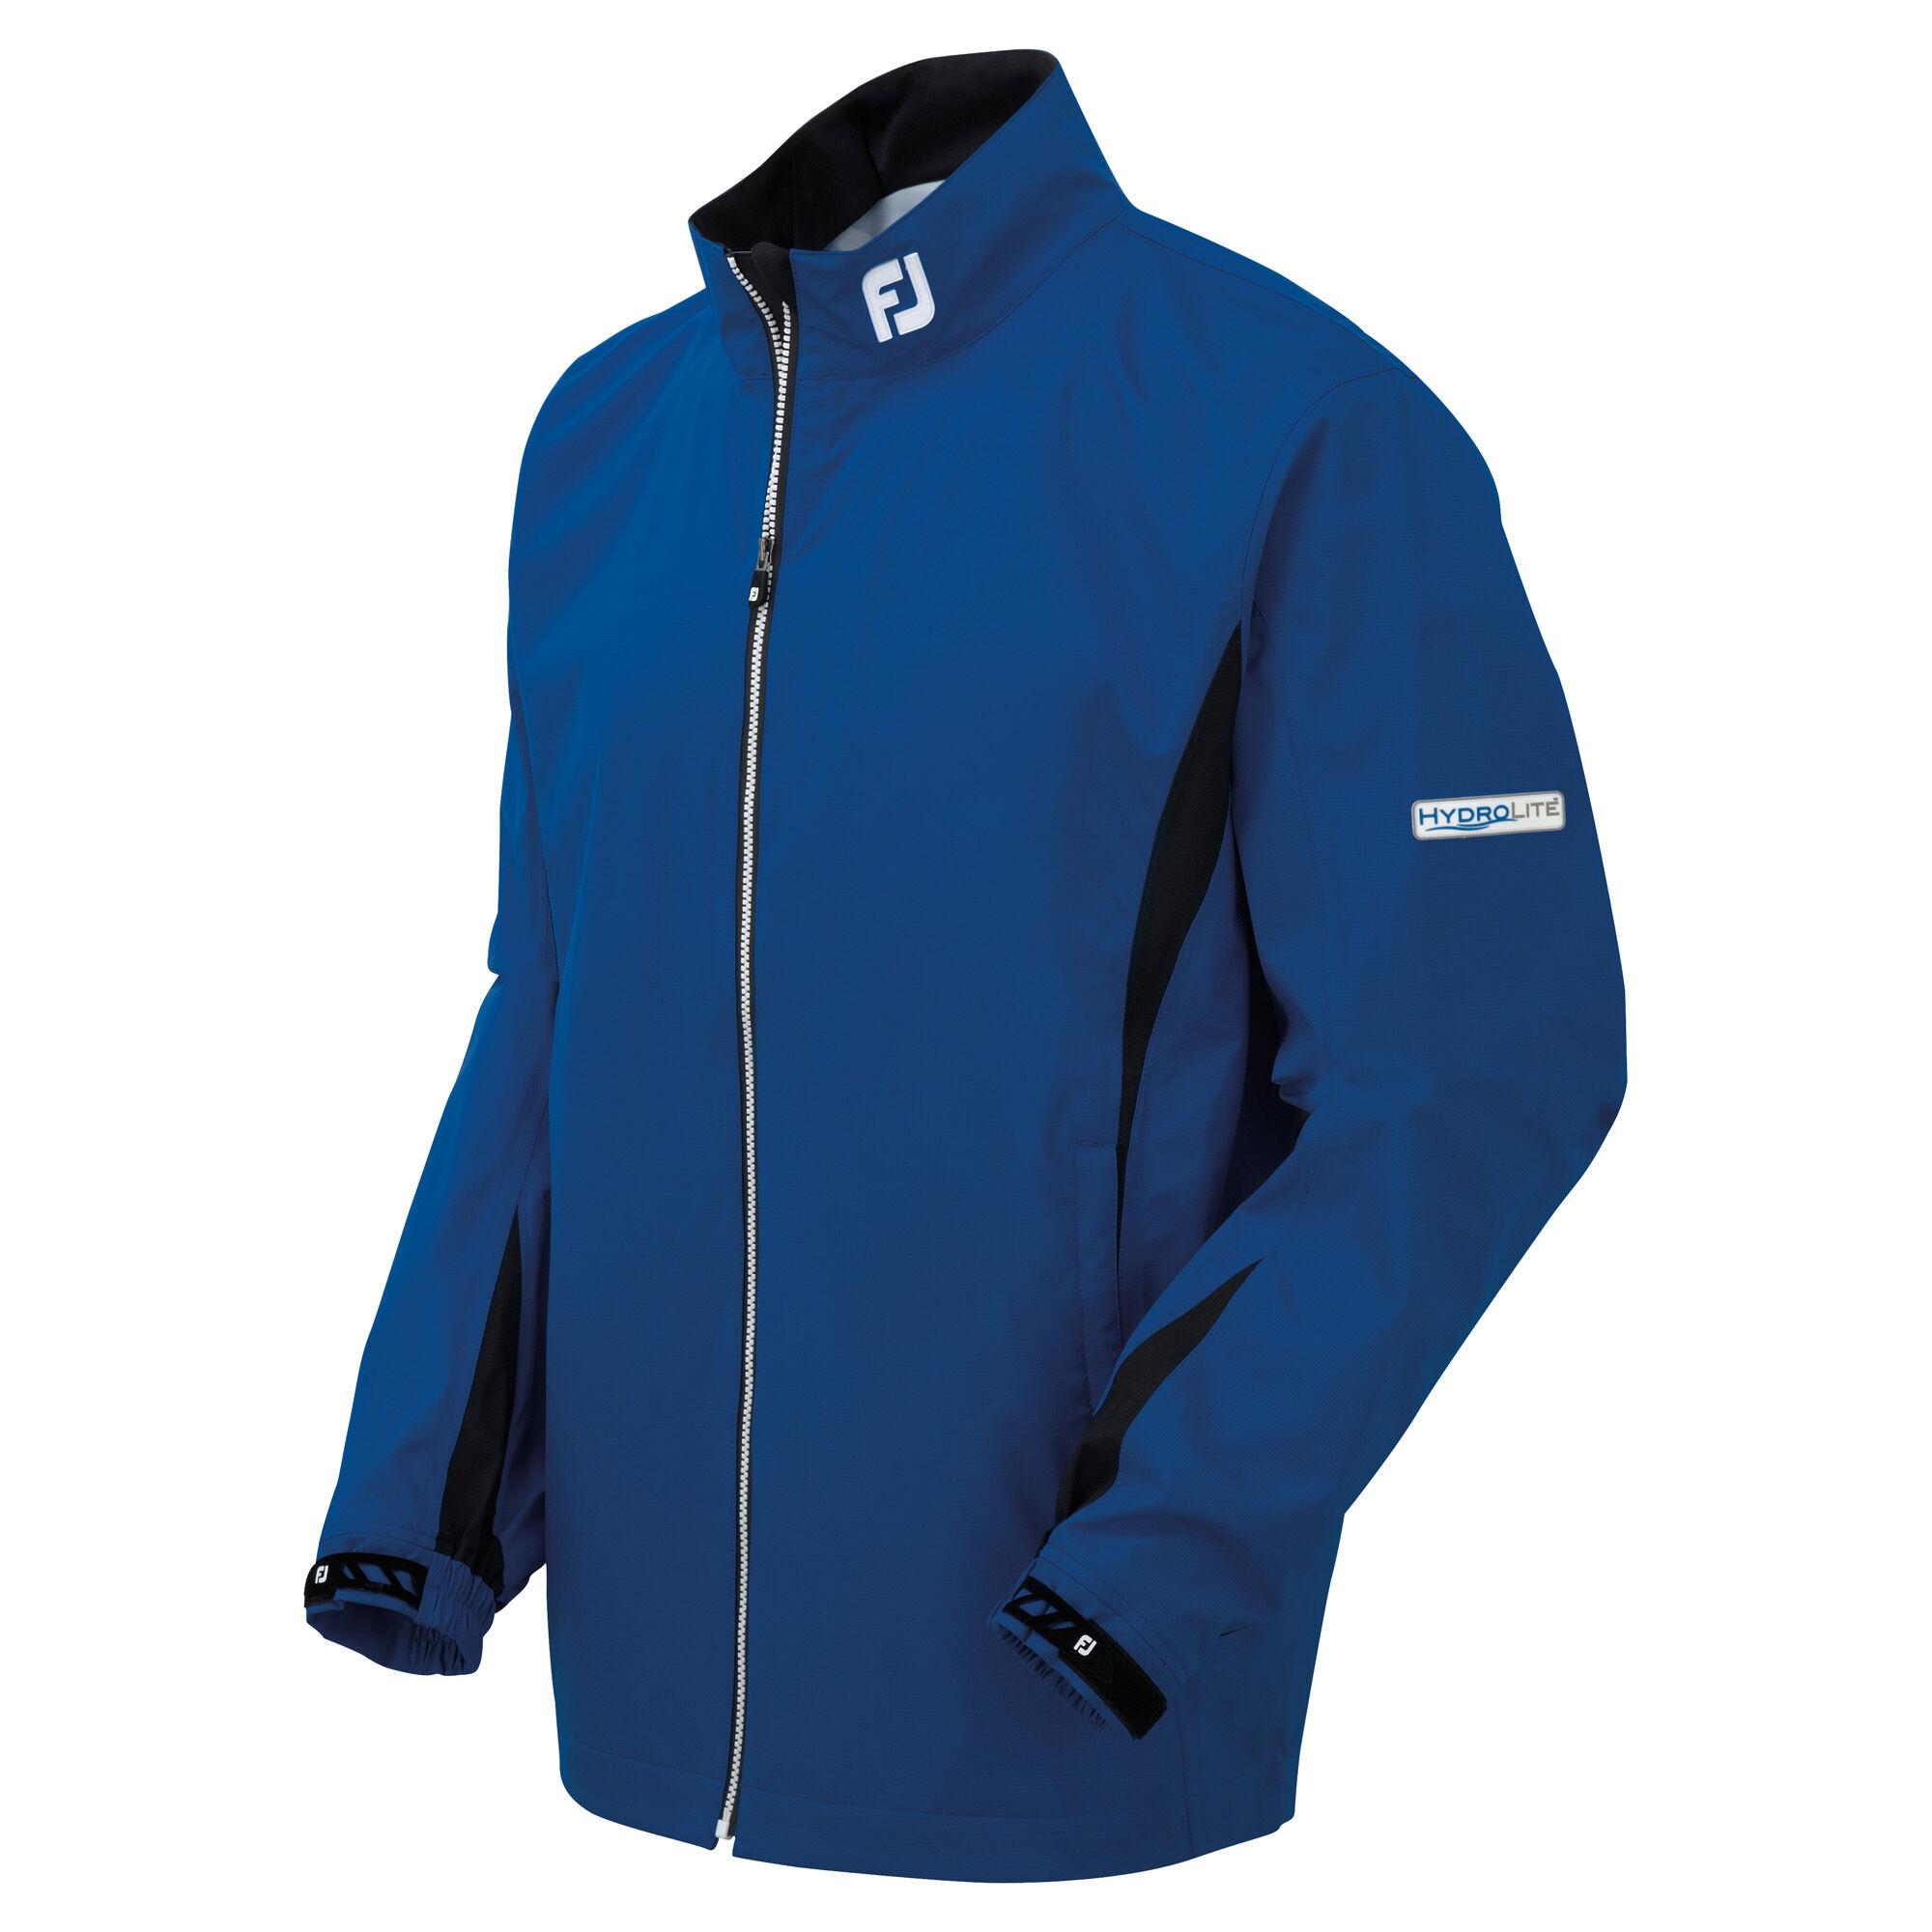 Jacket Fj Hydrolite Rain Fj Vorjahresmodell 6fbgy7Yv